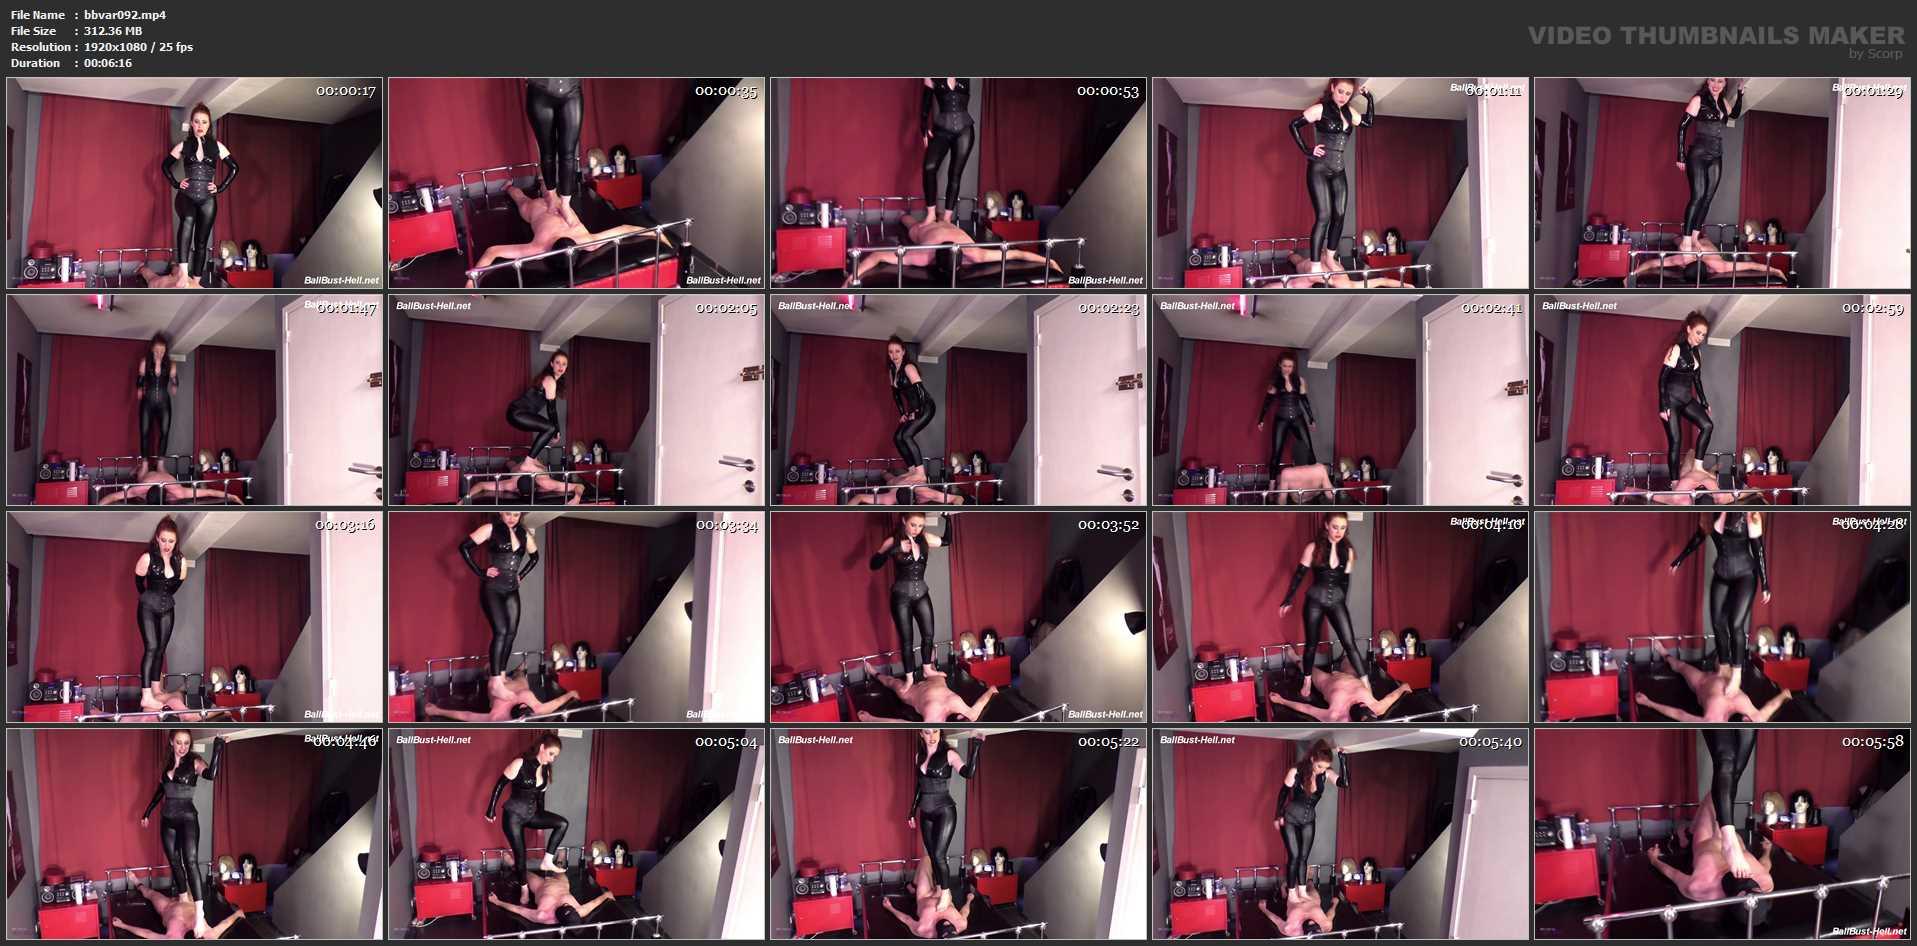 Mistress Lady Renee In Scene: Barefoot trampling - MISTRESSLADYRENEE - FULL HD/1080p/MP4